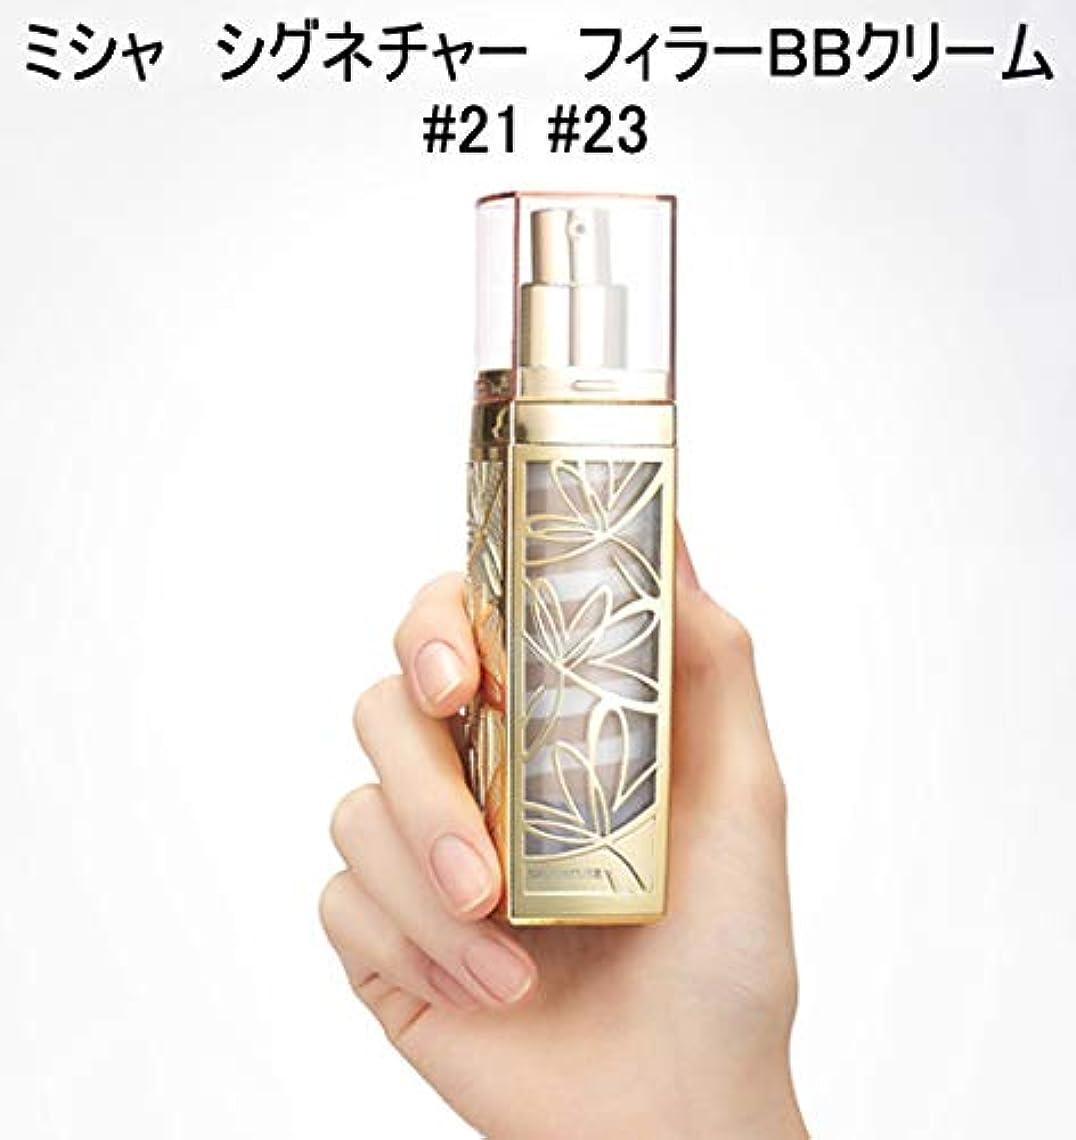 【3本セット】ミシャ シグネチャー フィラー BBクリーム #21号 3本セットSPF37/PA++ 44g×2本セット [並行輸入品]